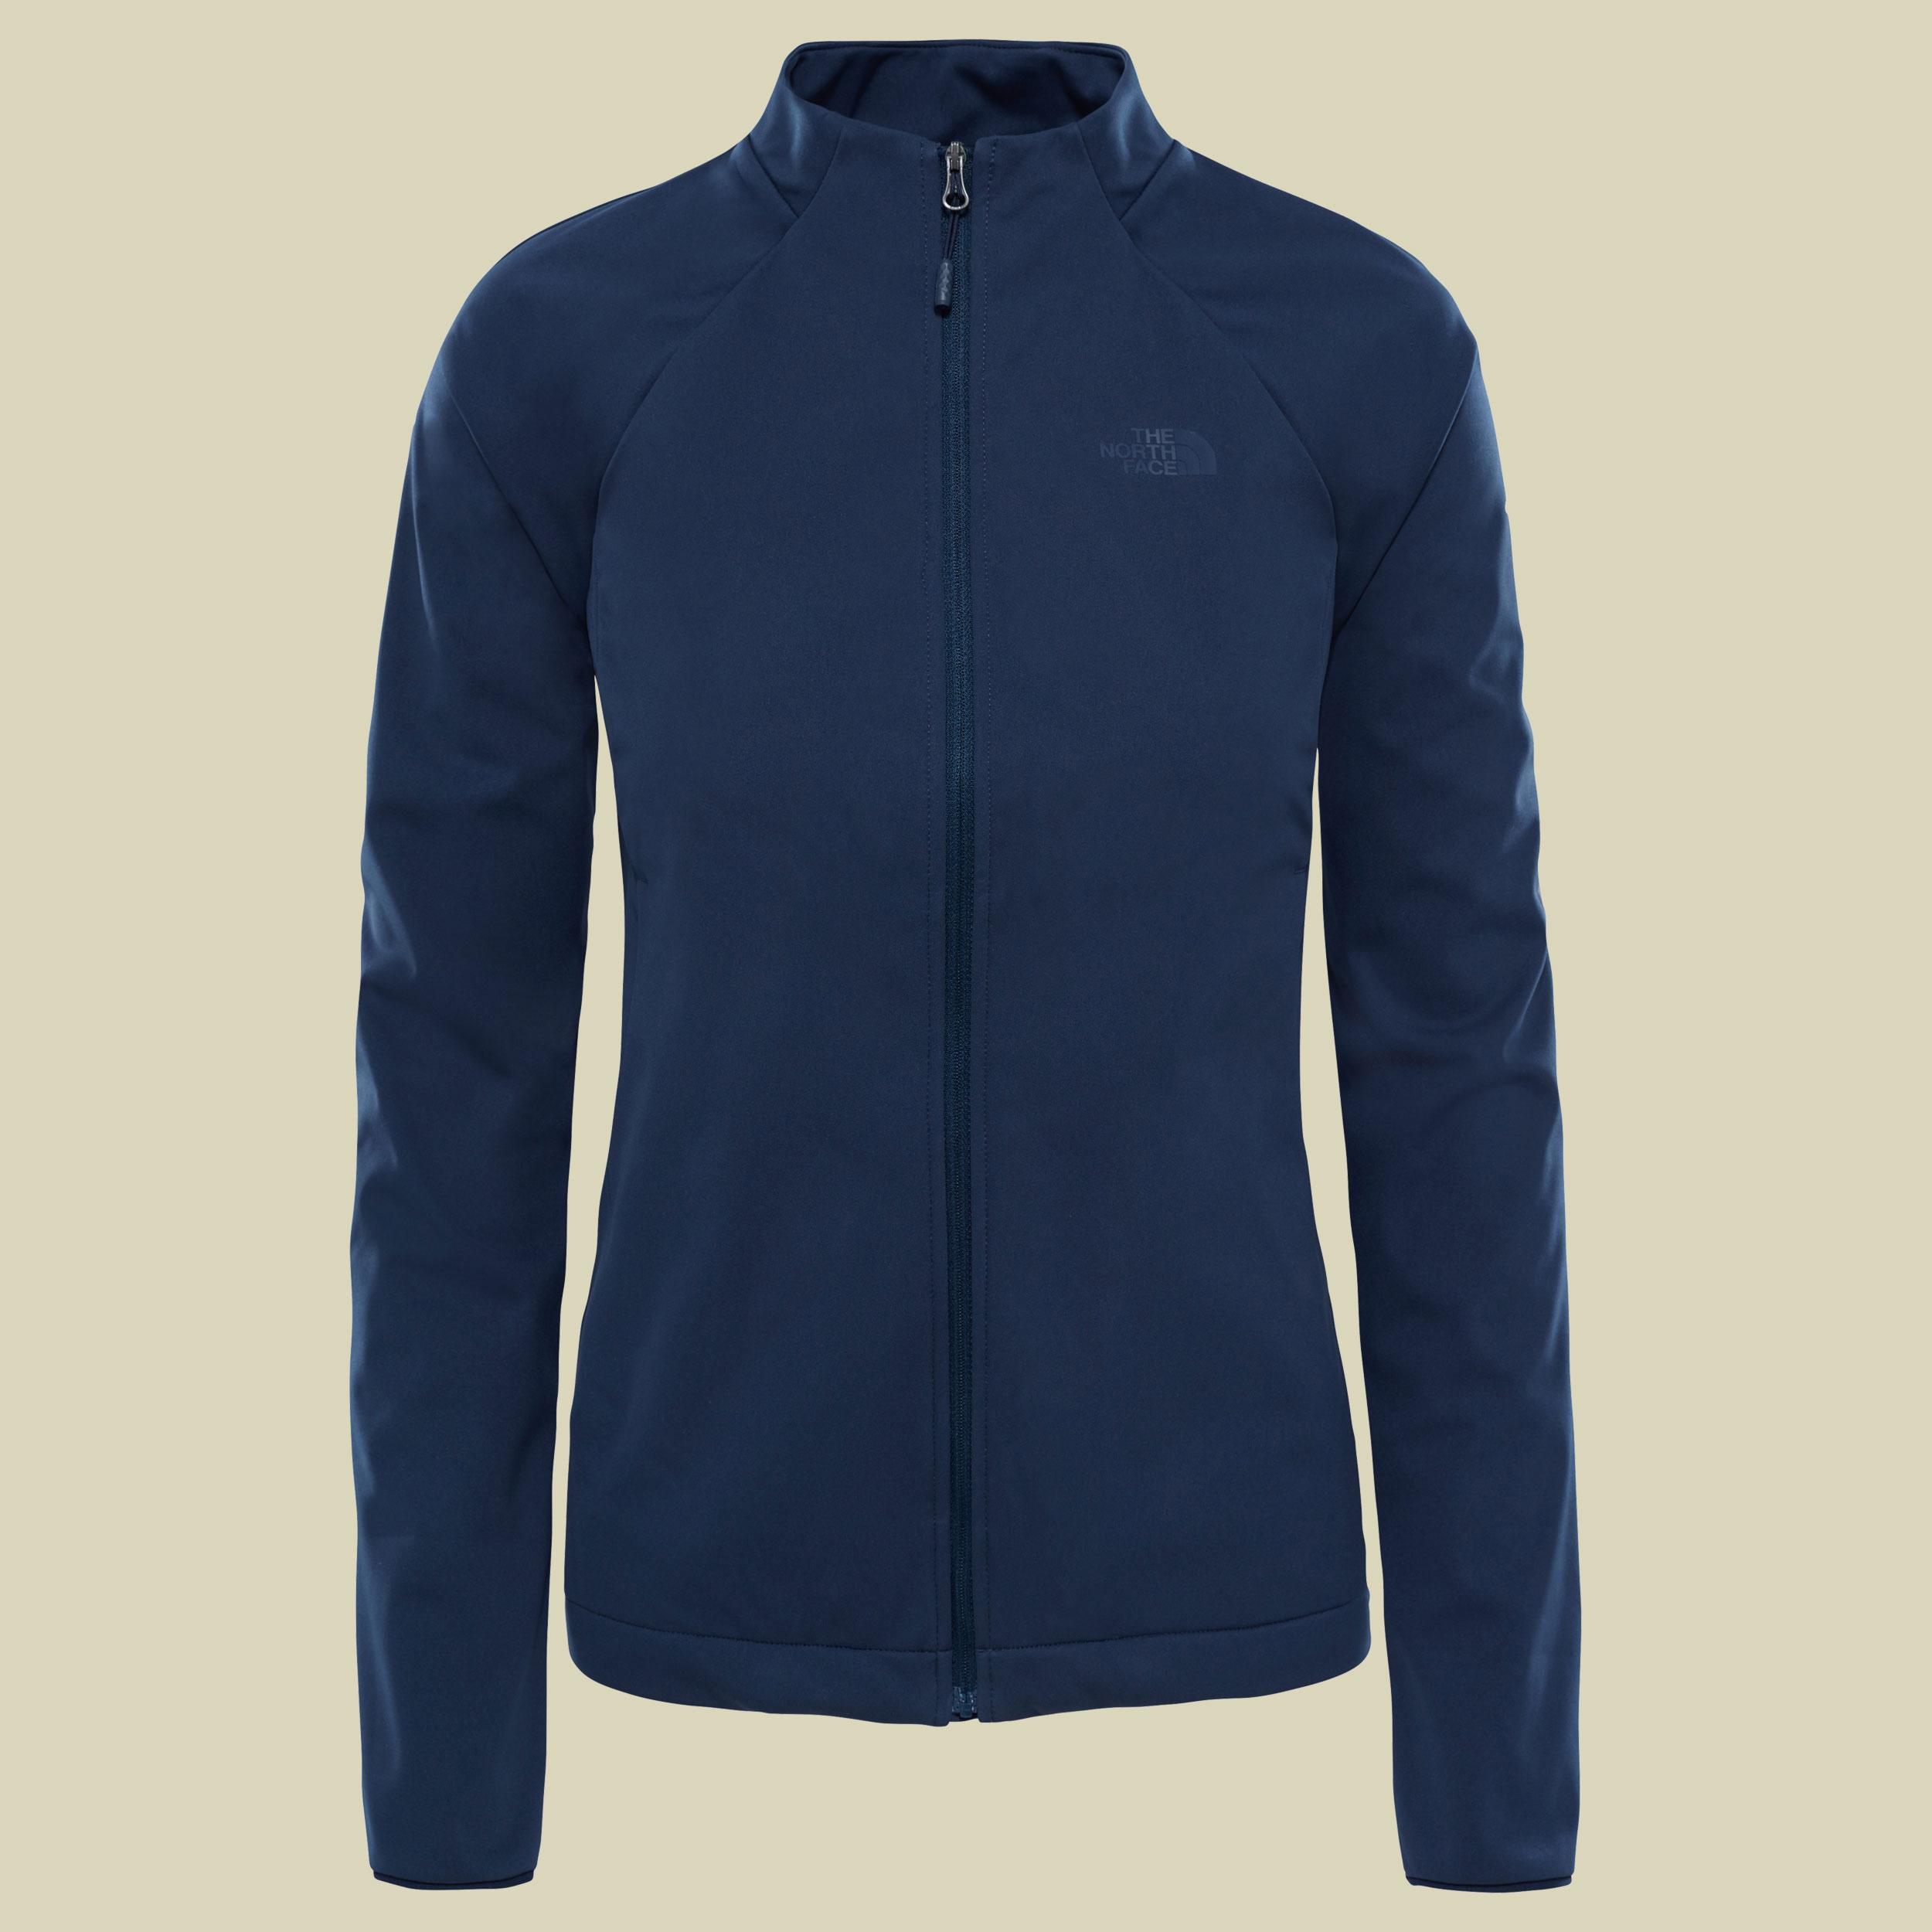 The North Face Inlux Softshell Jacket Women Damen Softshelljacke Größe XS urban navy